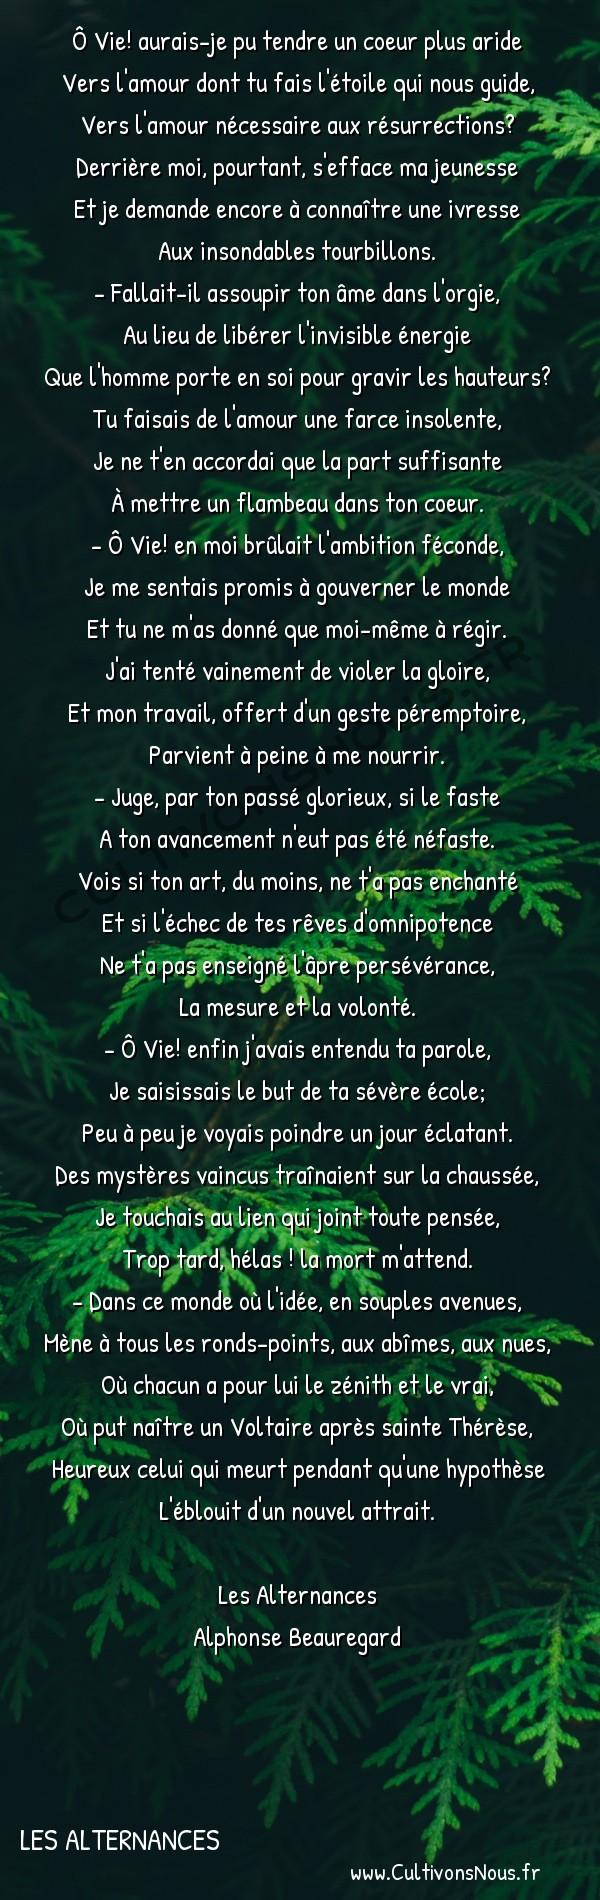 Poésie Alphonse Beauregard - Les Alternances - Symbole -  Ô Vie! aurais-je pu tendre un coeur plus aride Vers l'amour dont tu fais l'étoile qui nous guide,